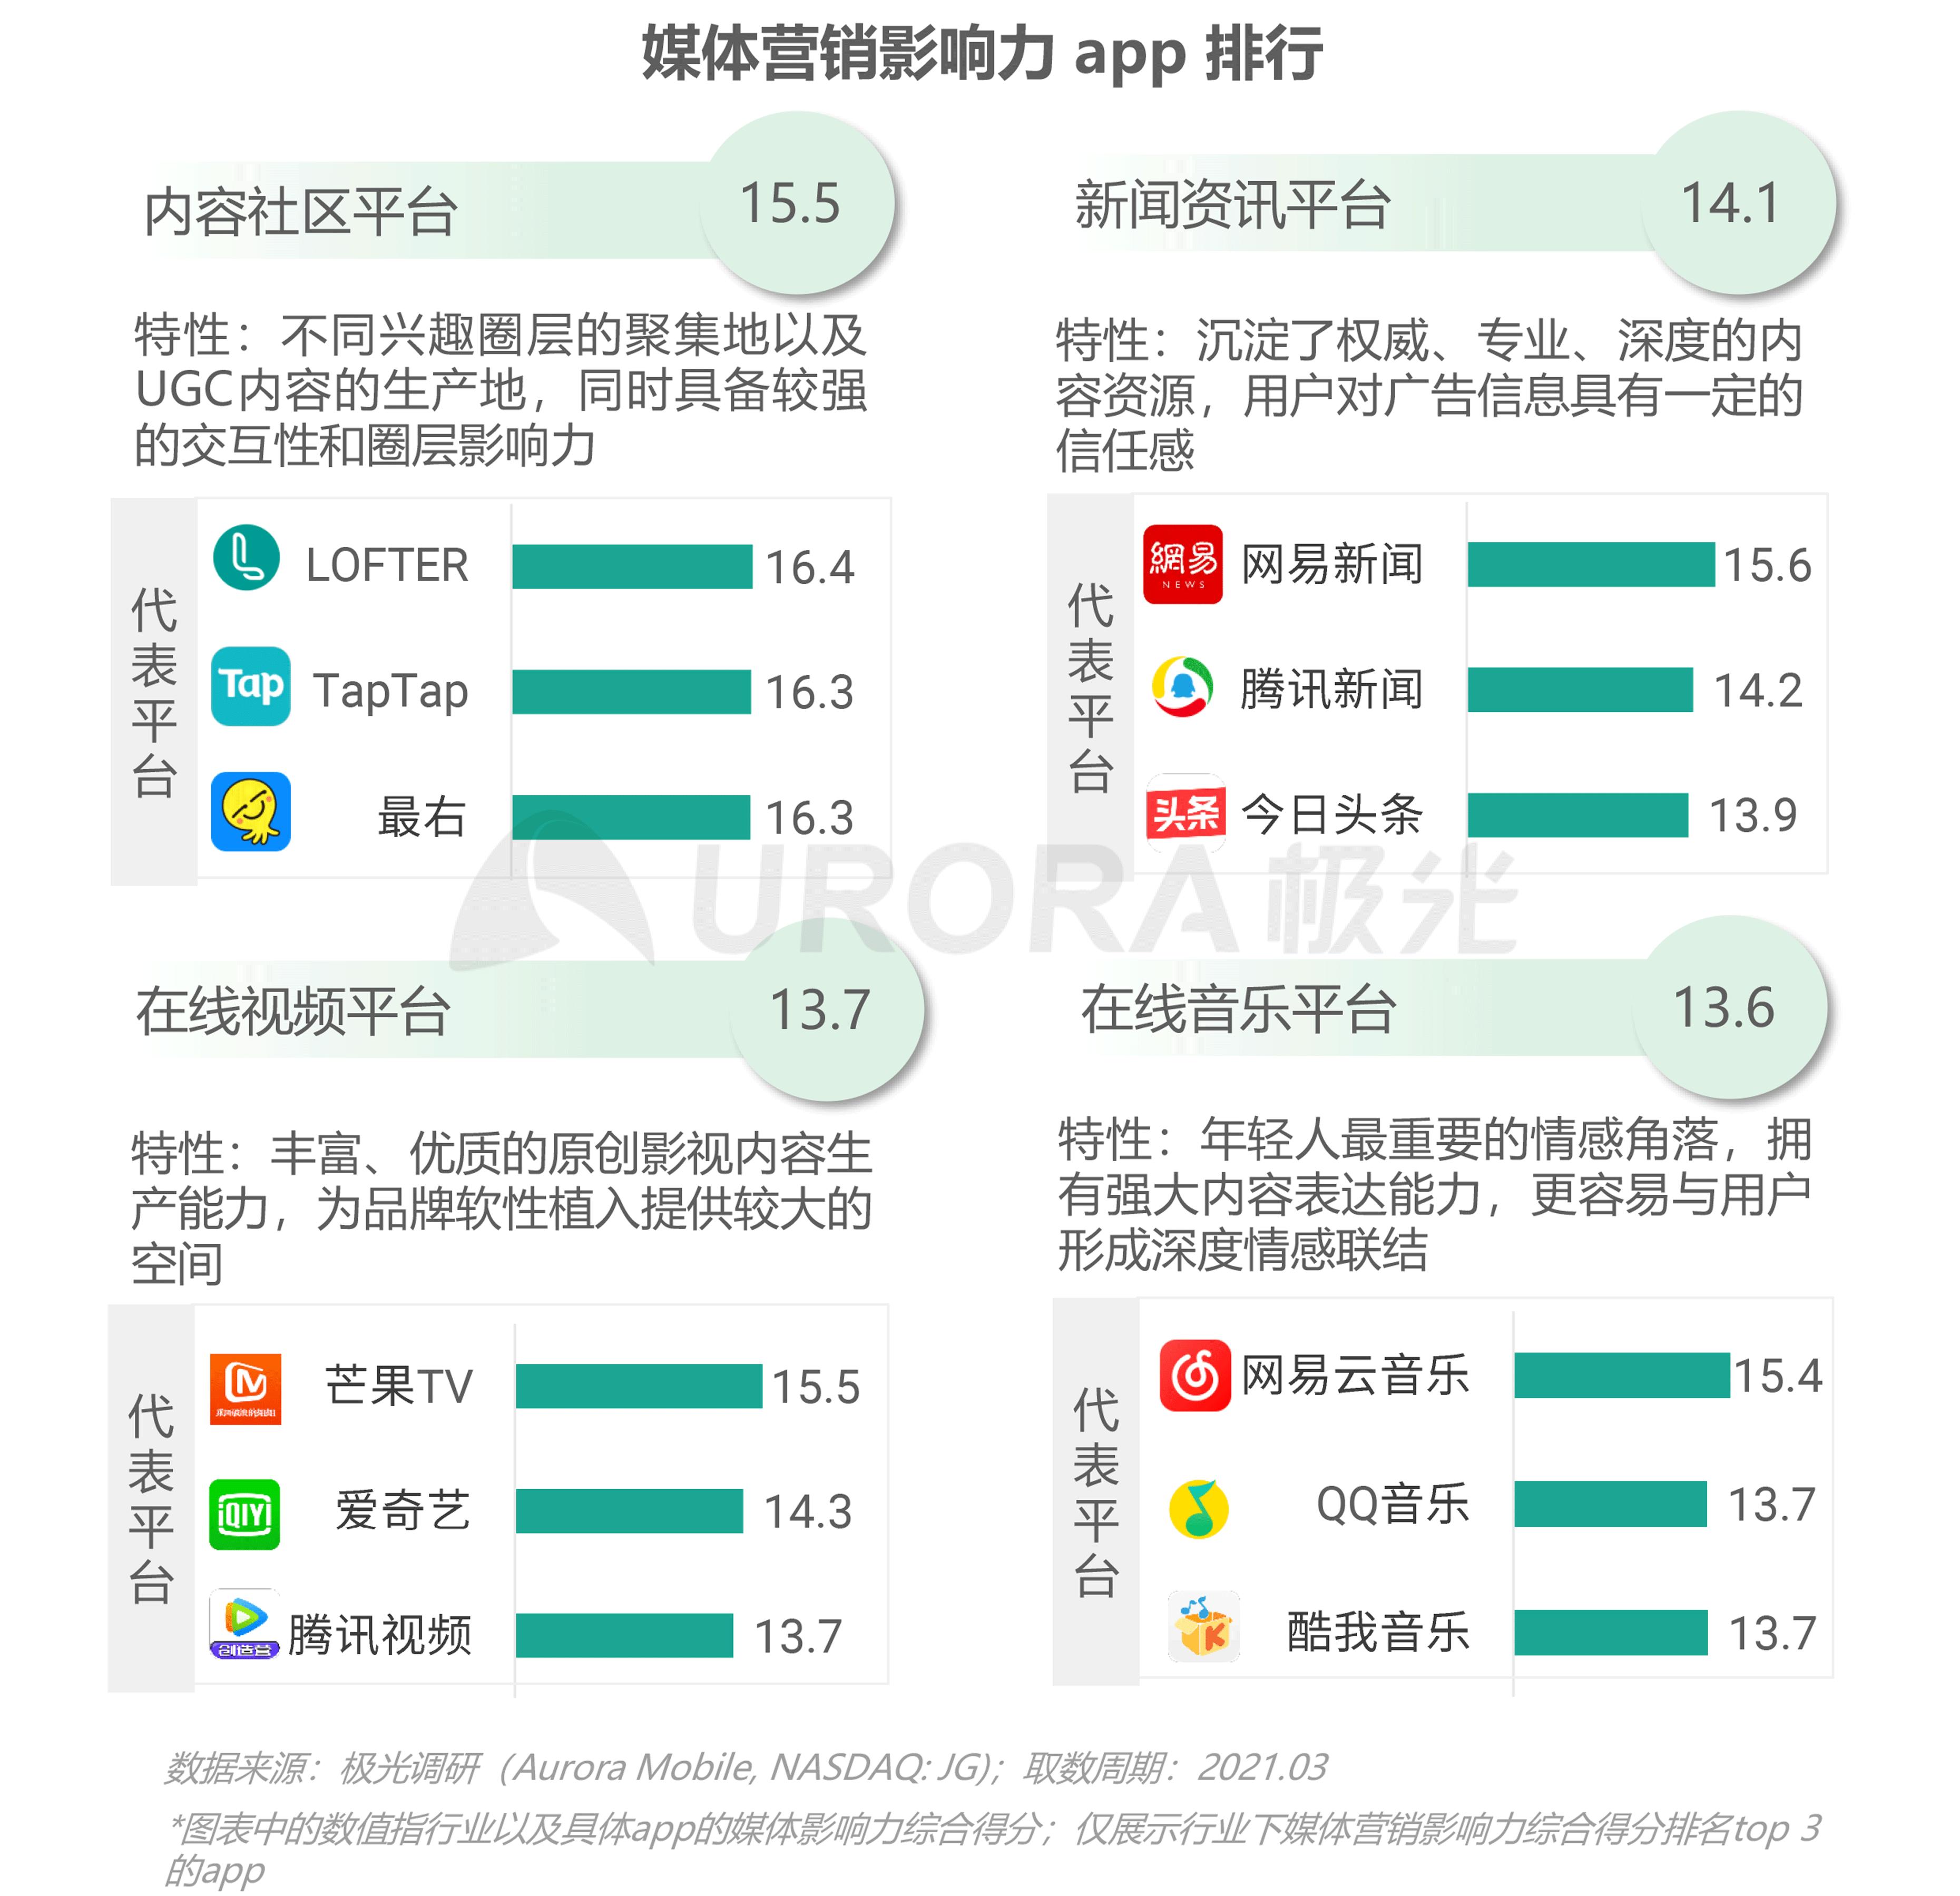 2021年轻人营销趋势研究报告【定稿】-37.png